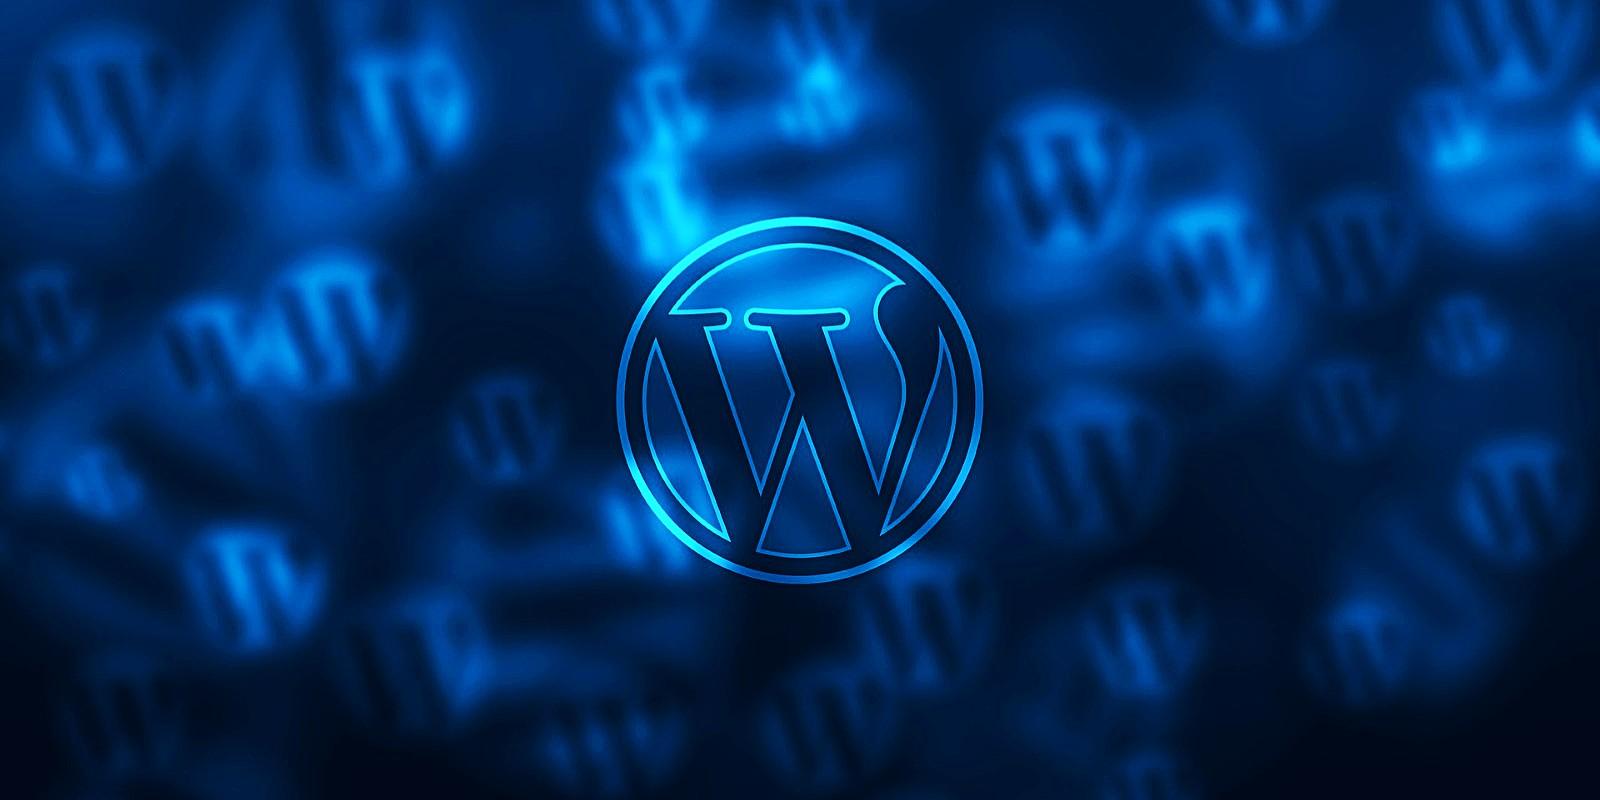 Os bugs do plugin WordPress podem permitir que invasores sequestrem até 100 mil sites